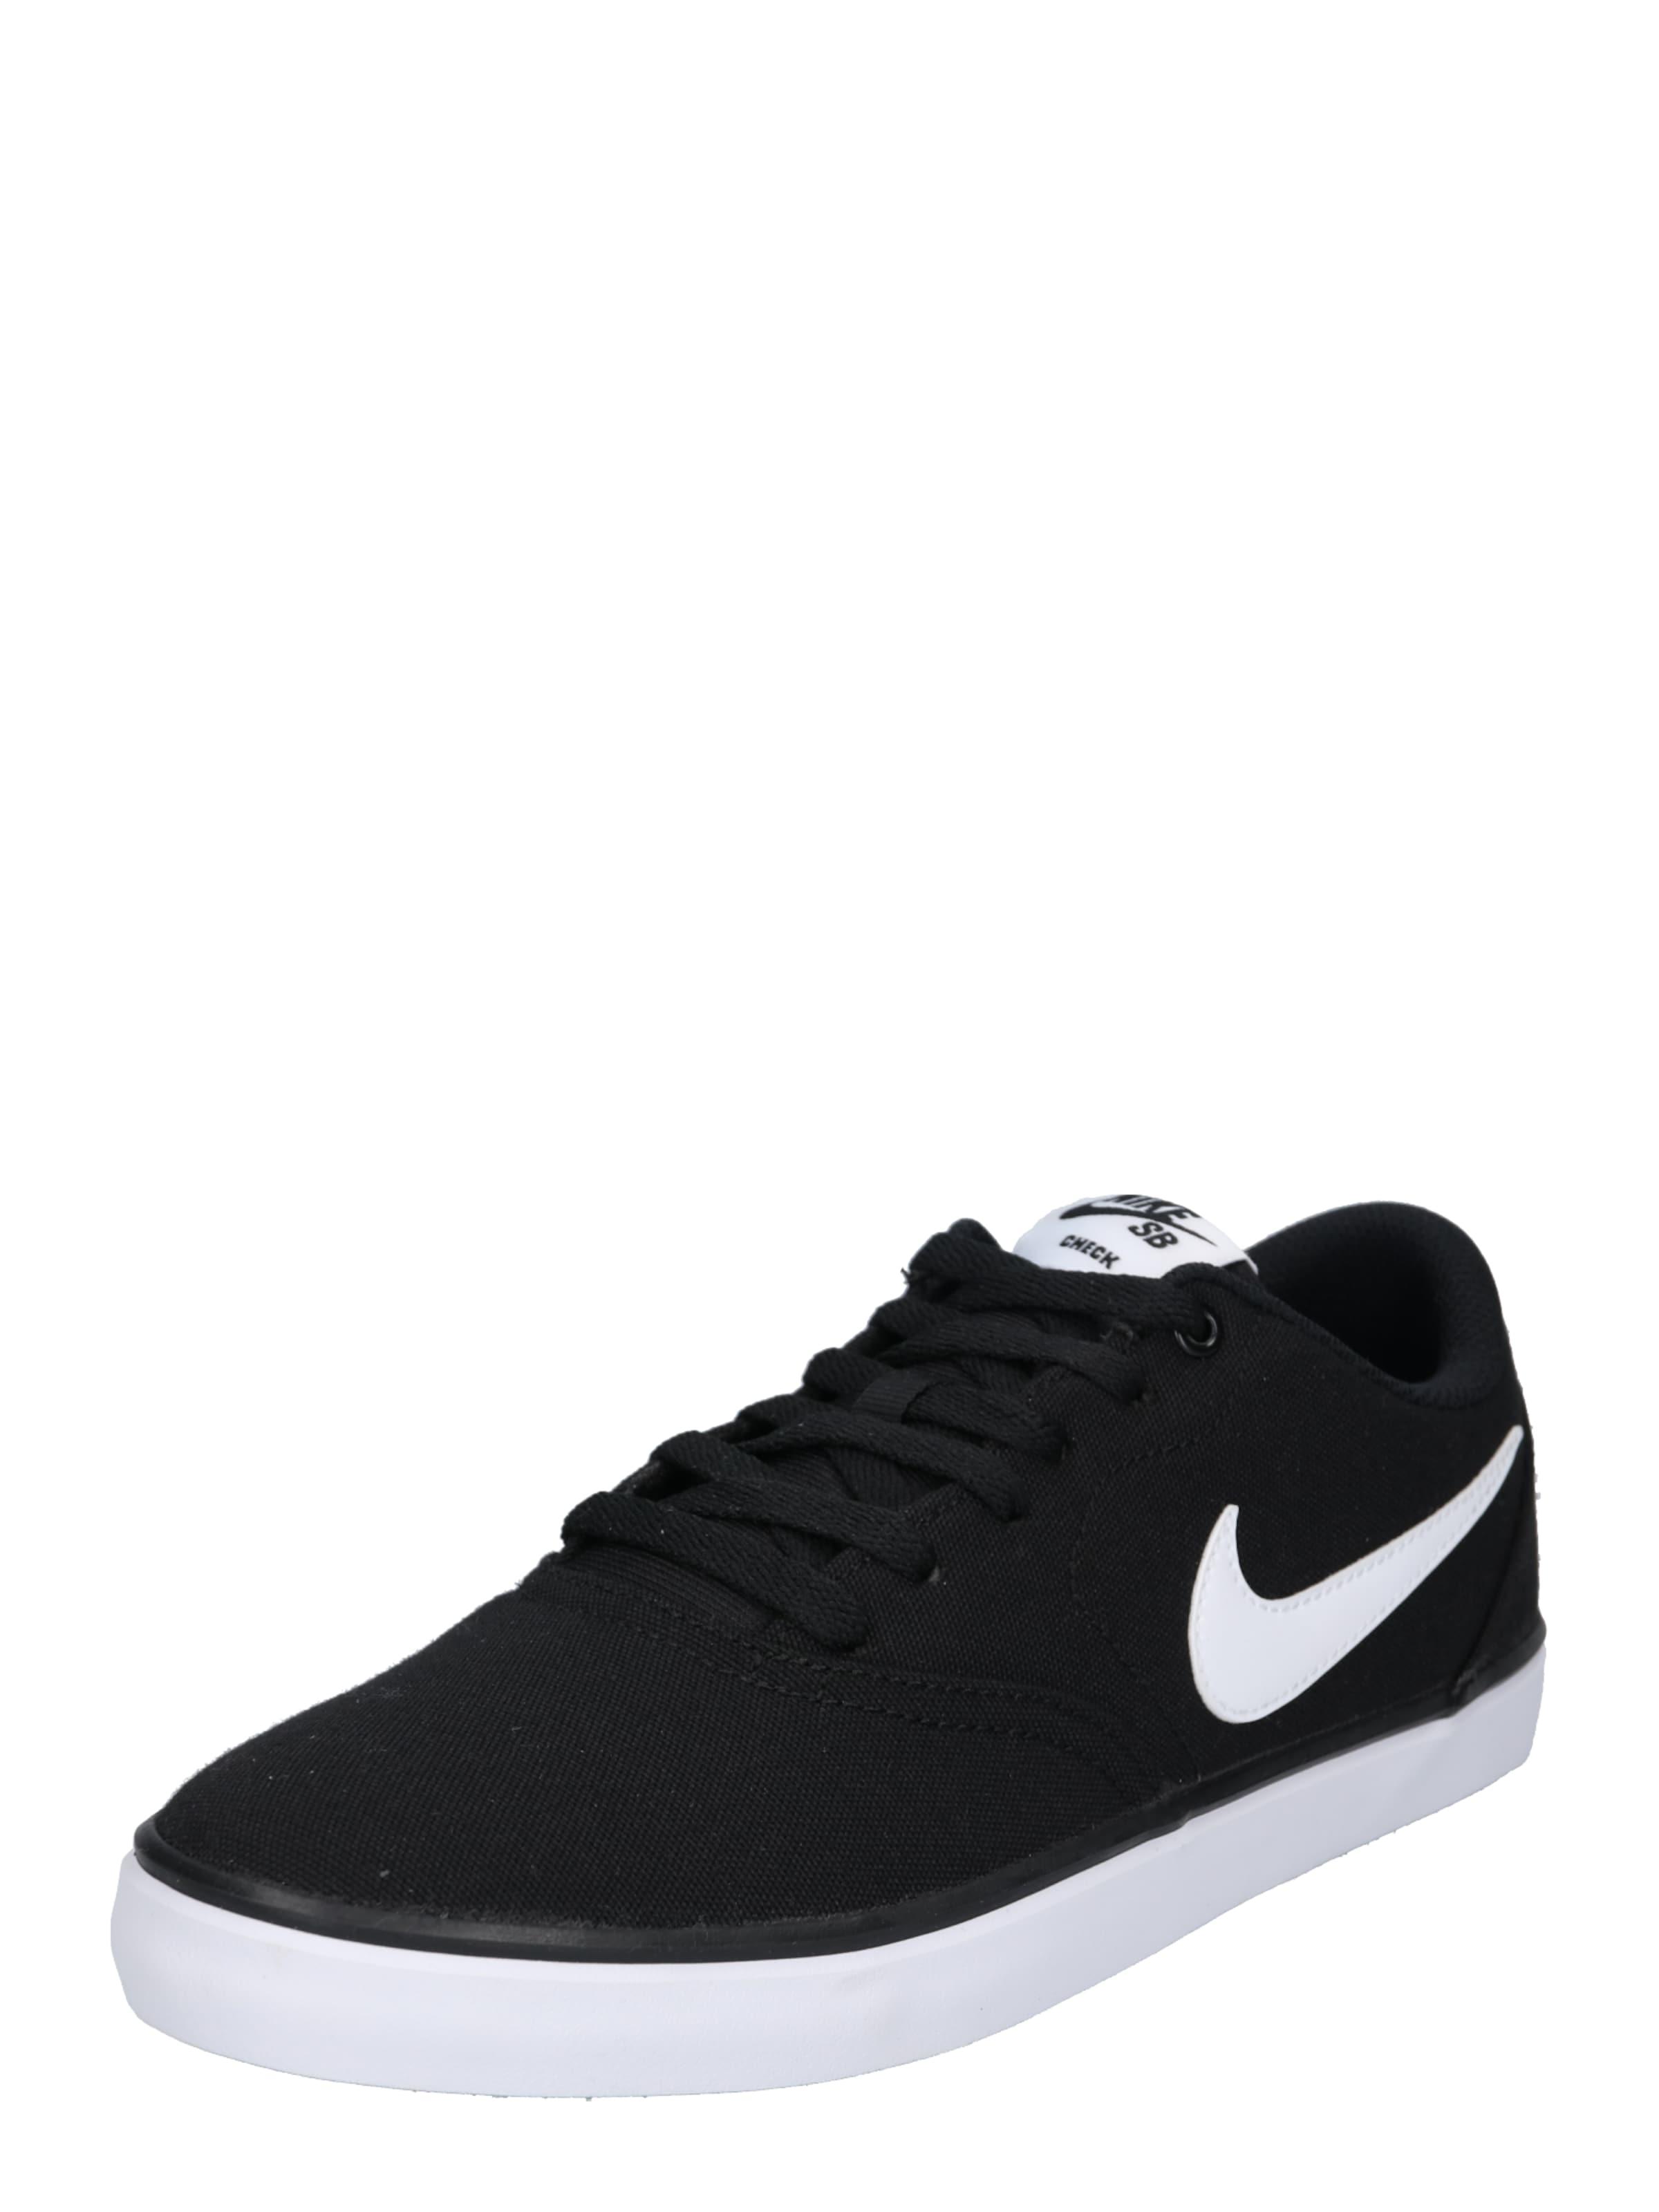 'check Schwarz Sb Nike In Sneaker Solar' 3Rj4ALq5